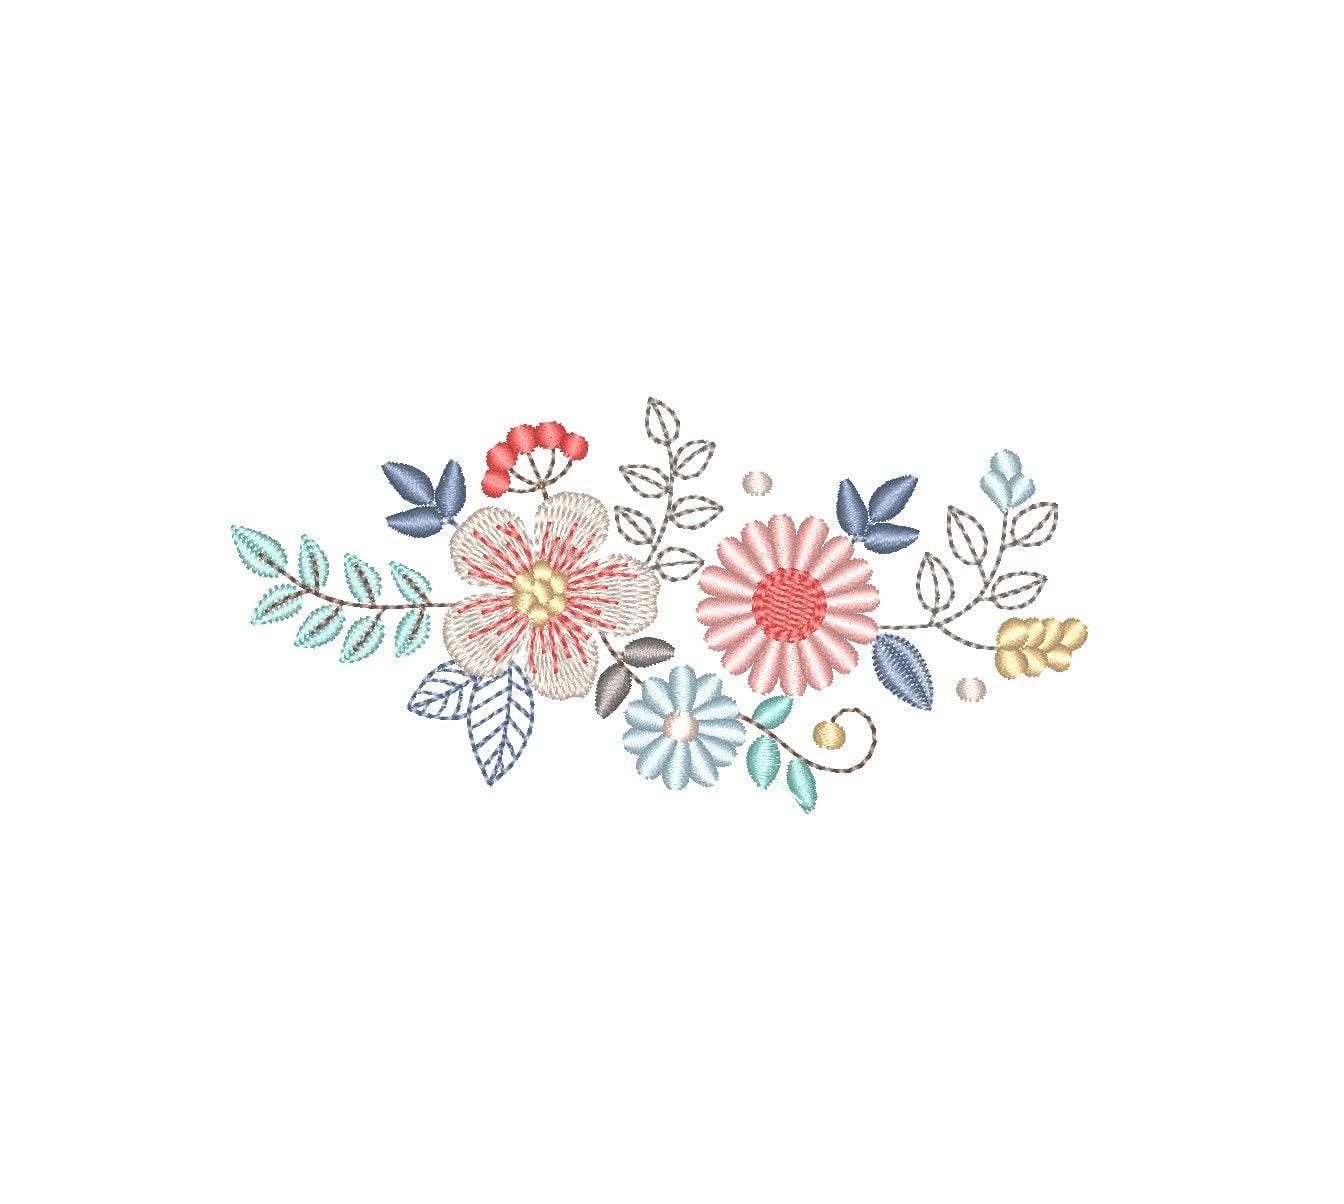 Diseño de flores para bordado a máquina Flores de estilo | Etsy